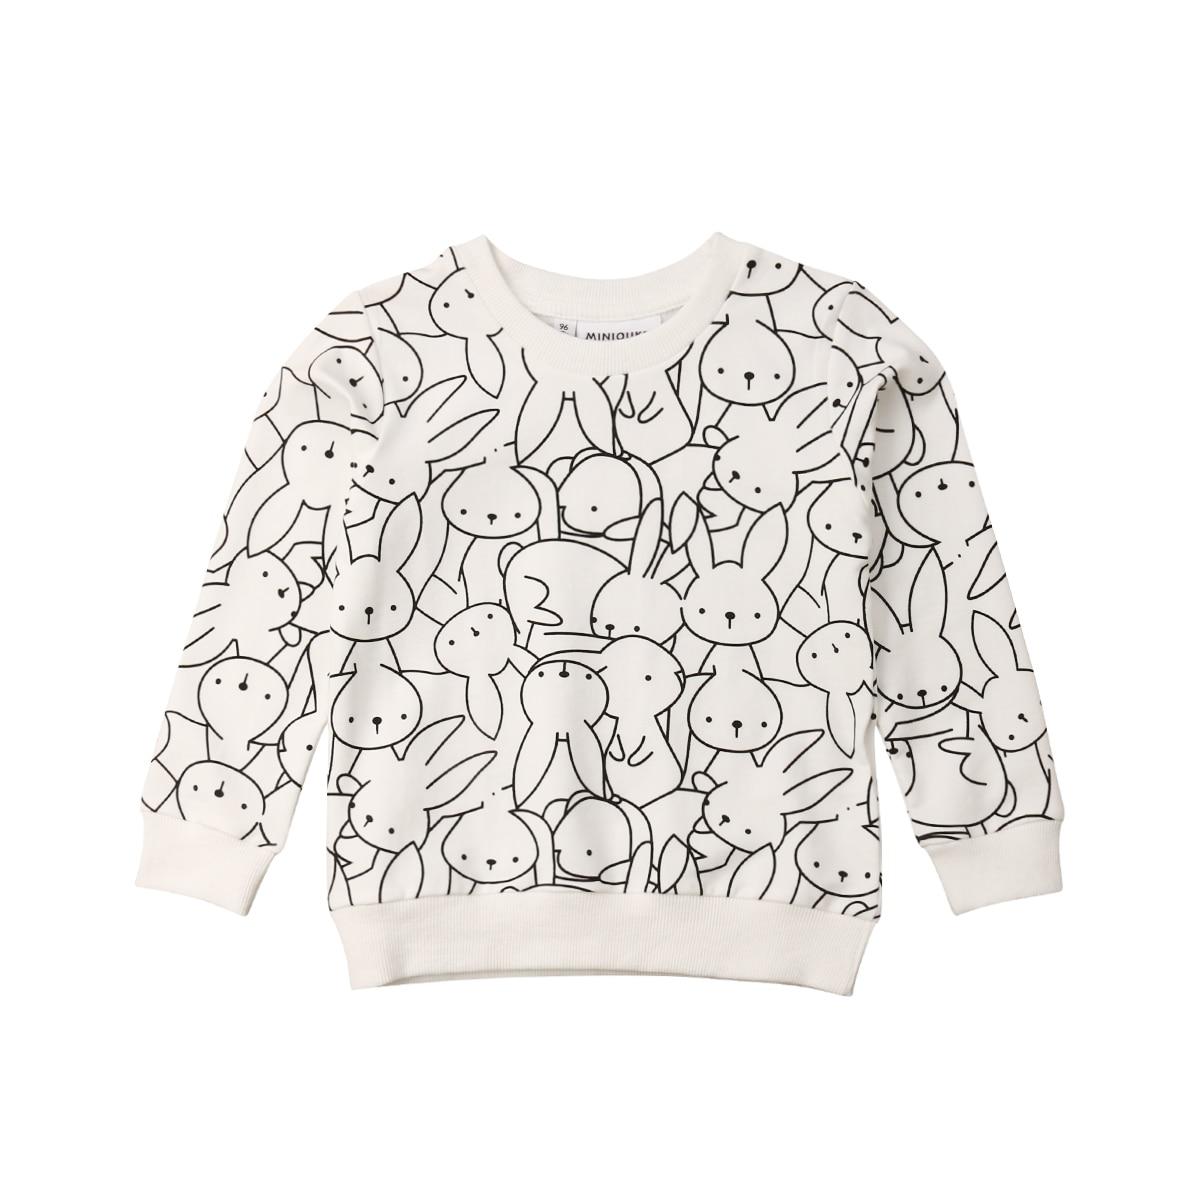 2019 Neue Kleinkind Kind Mädchen Kleidung Cartoon Bunny Mädchen Langarm T Shirt Ostern Kinder Kleidung Casual Tops T Hemd